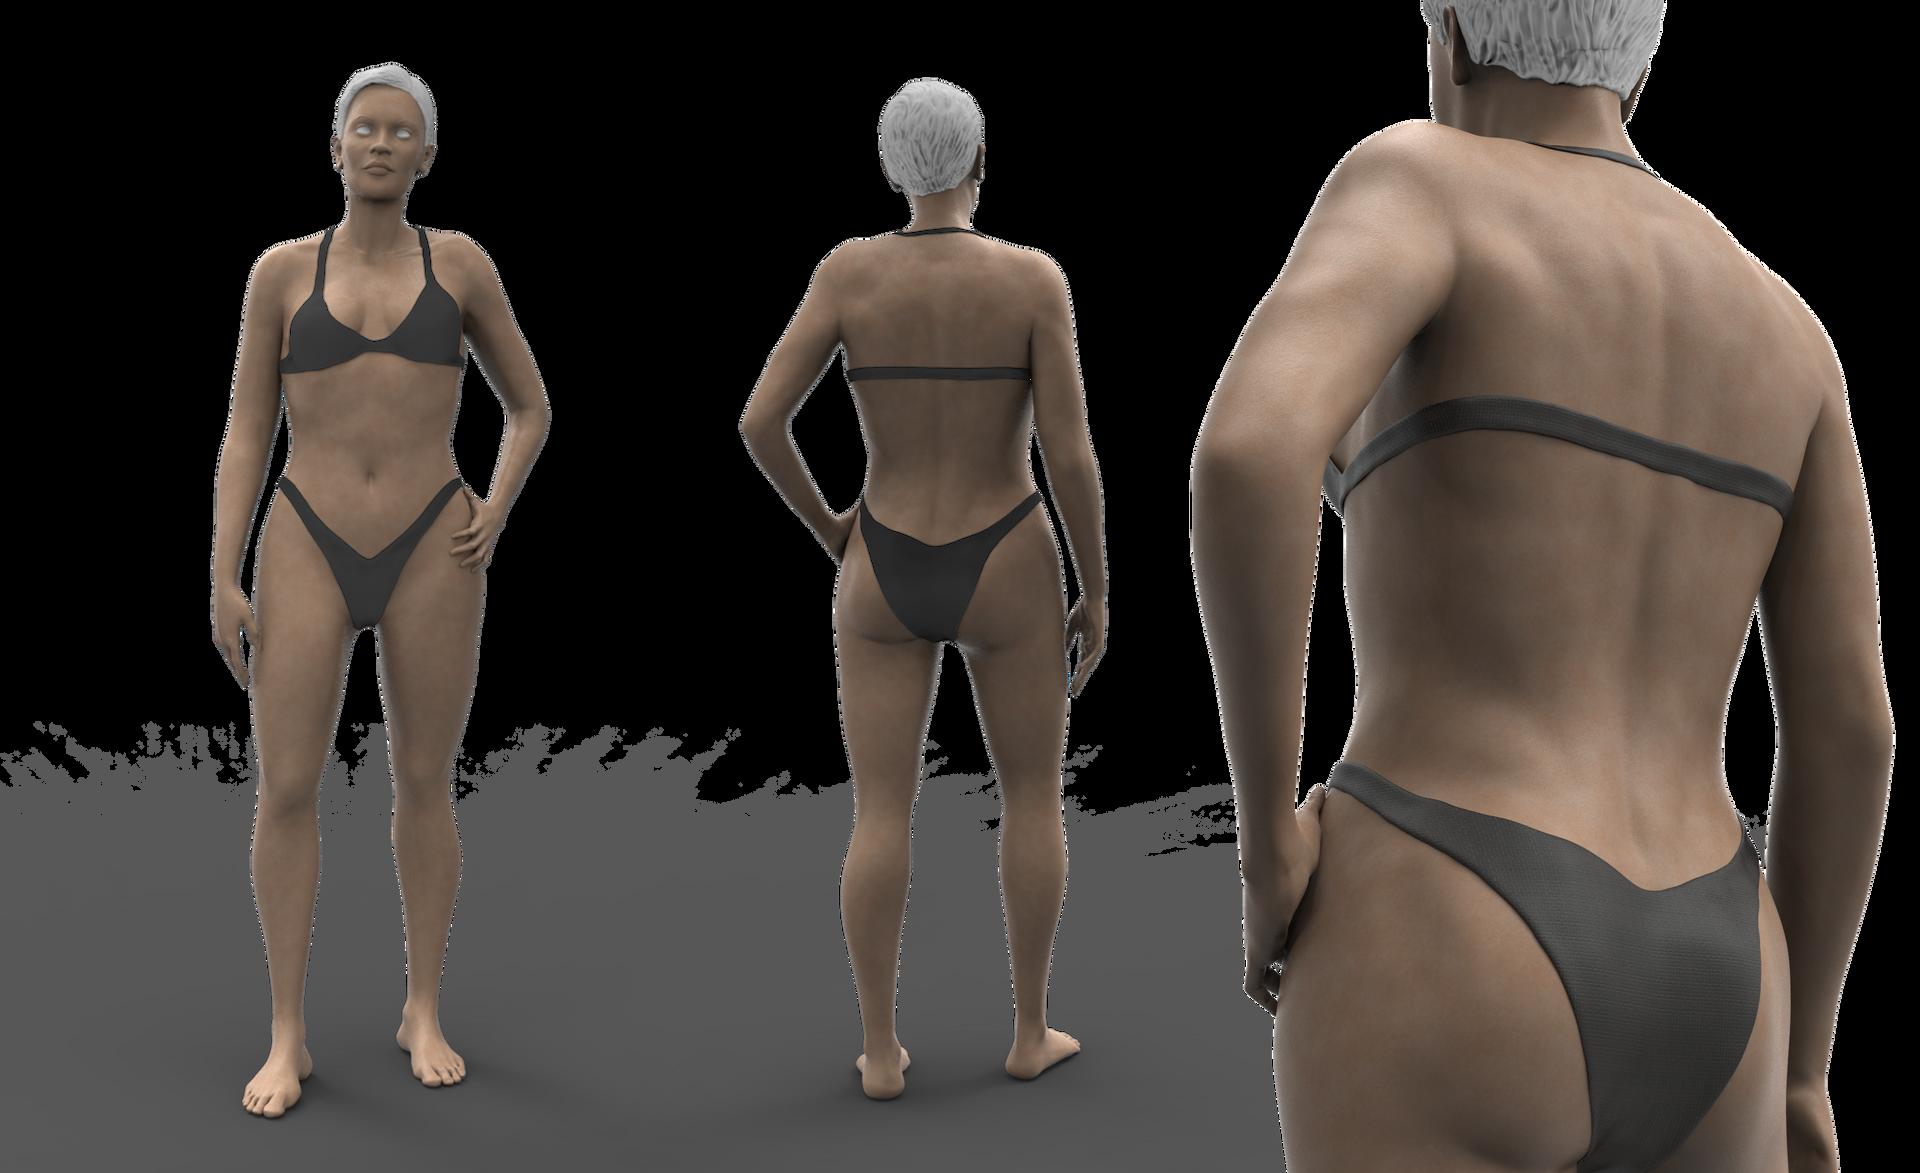 Female body modeling